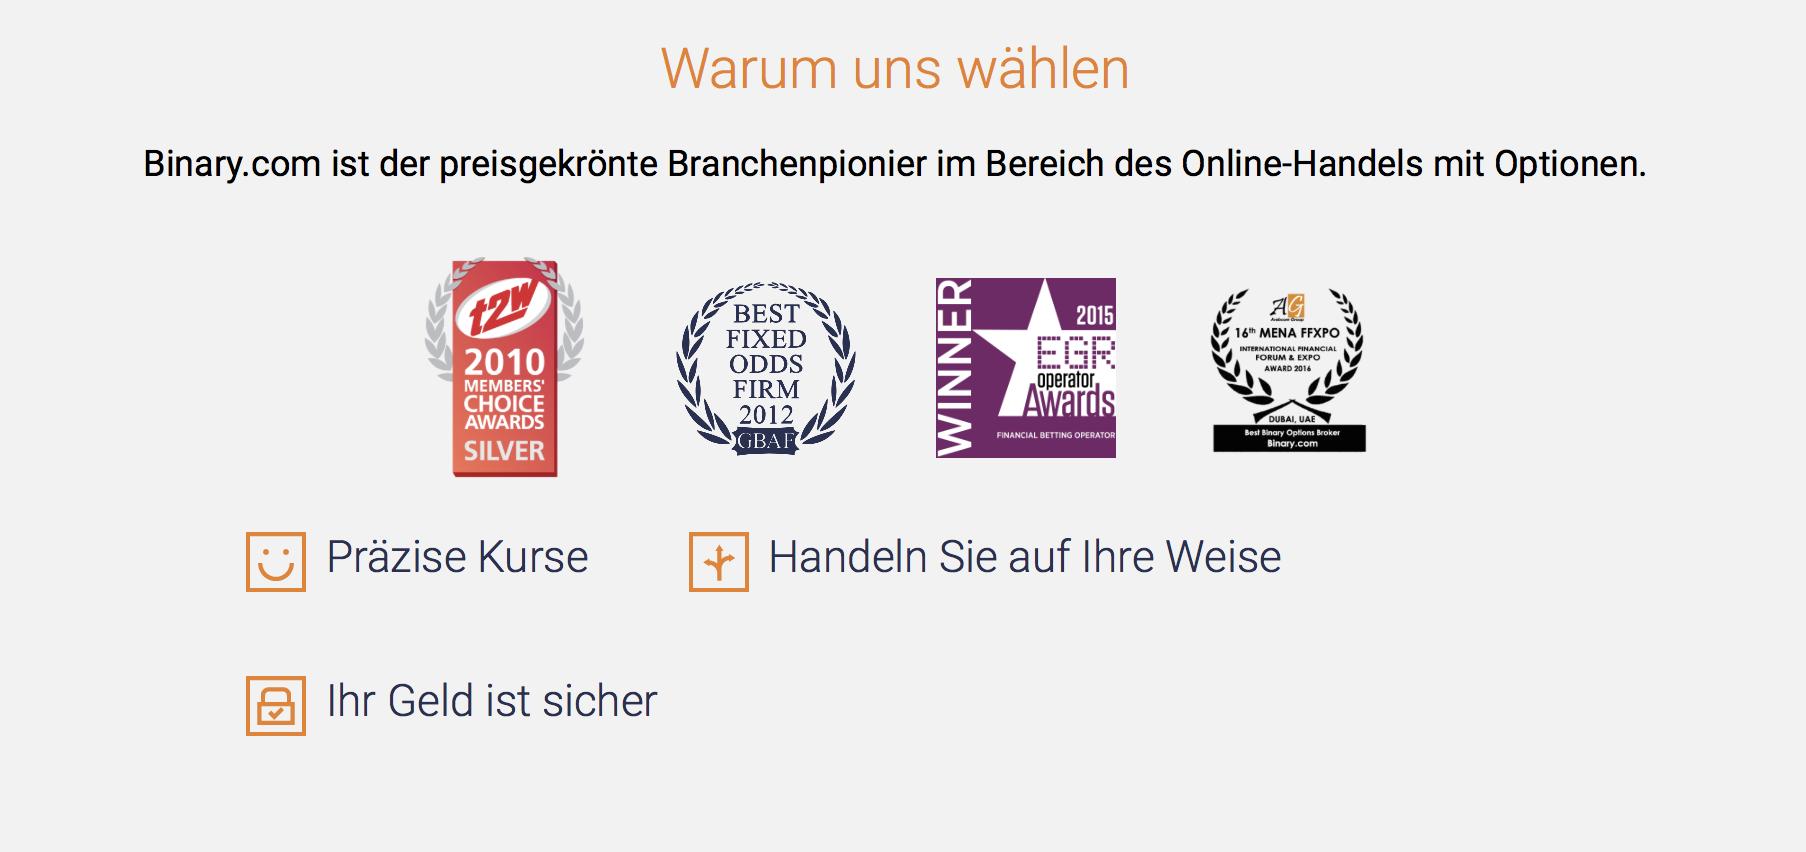 Binary.com wurde bereits mehrfach ausgezeichnet.